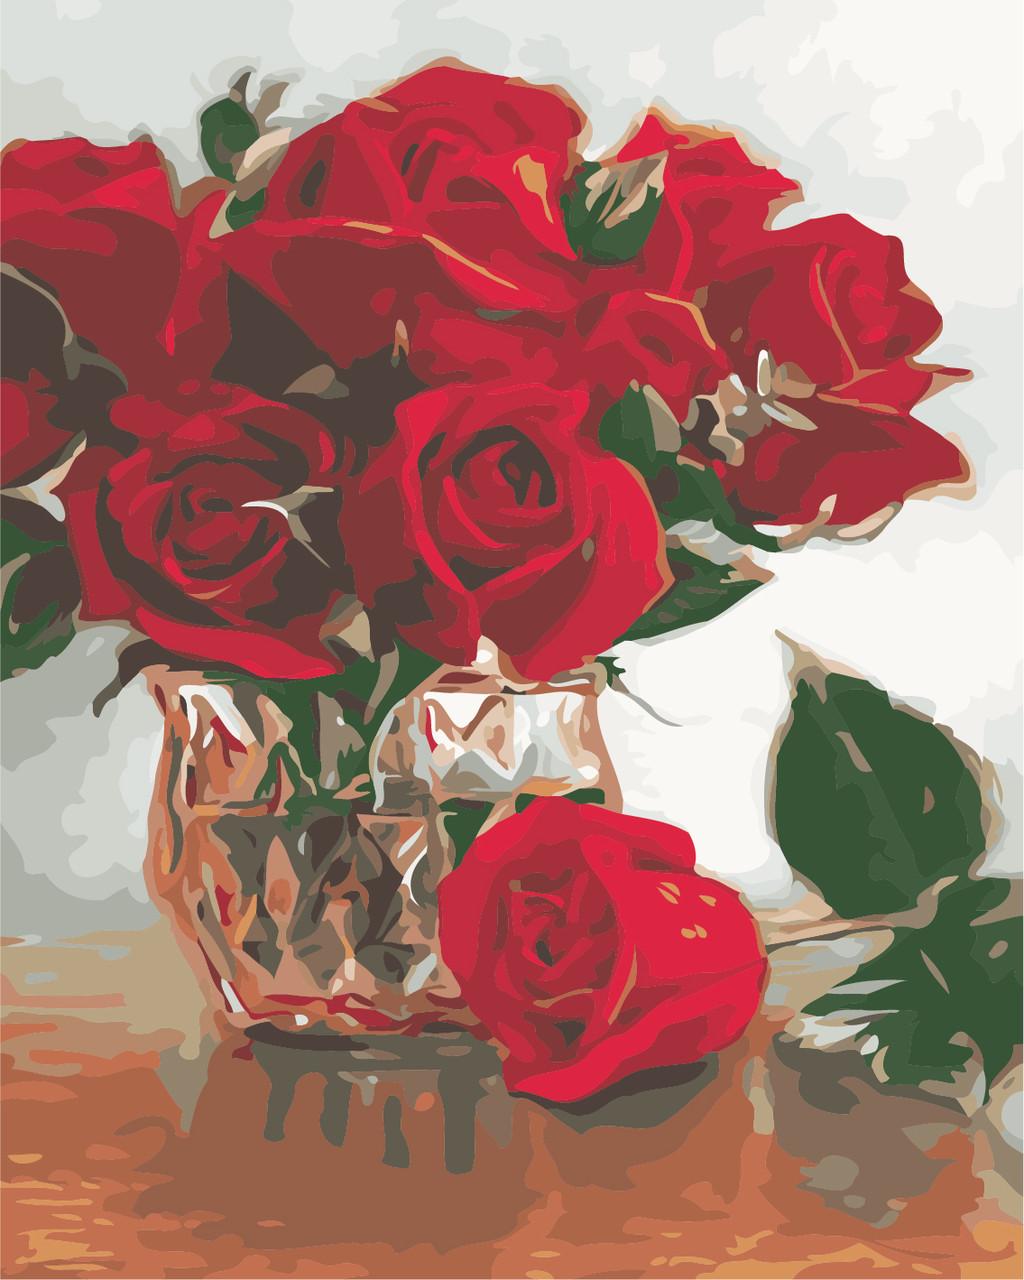 Художественный творческий набор, картина по номерам Алые цветы, 40x50 см, «Art Story» (AS0841)